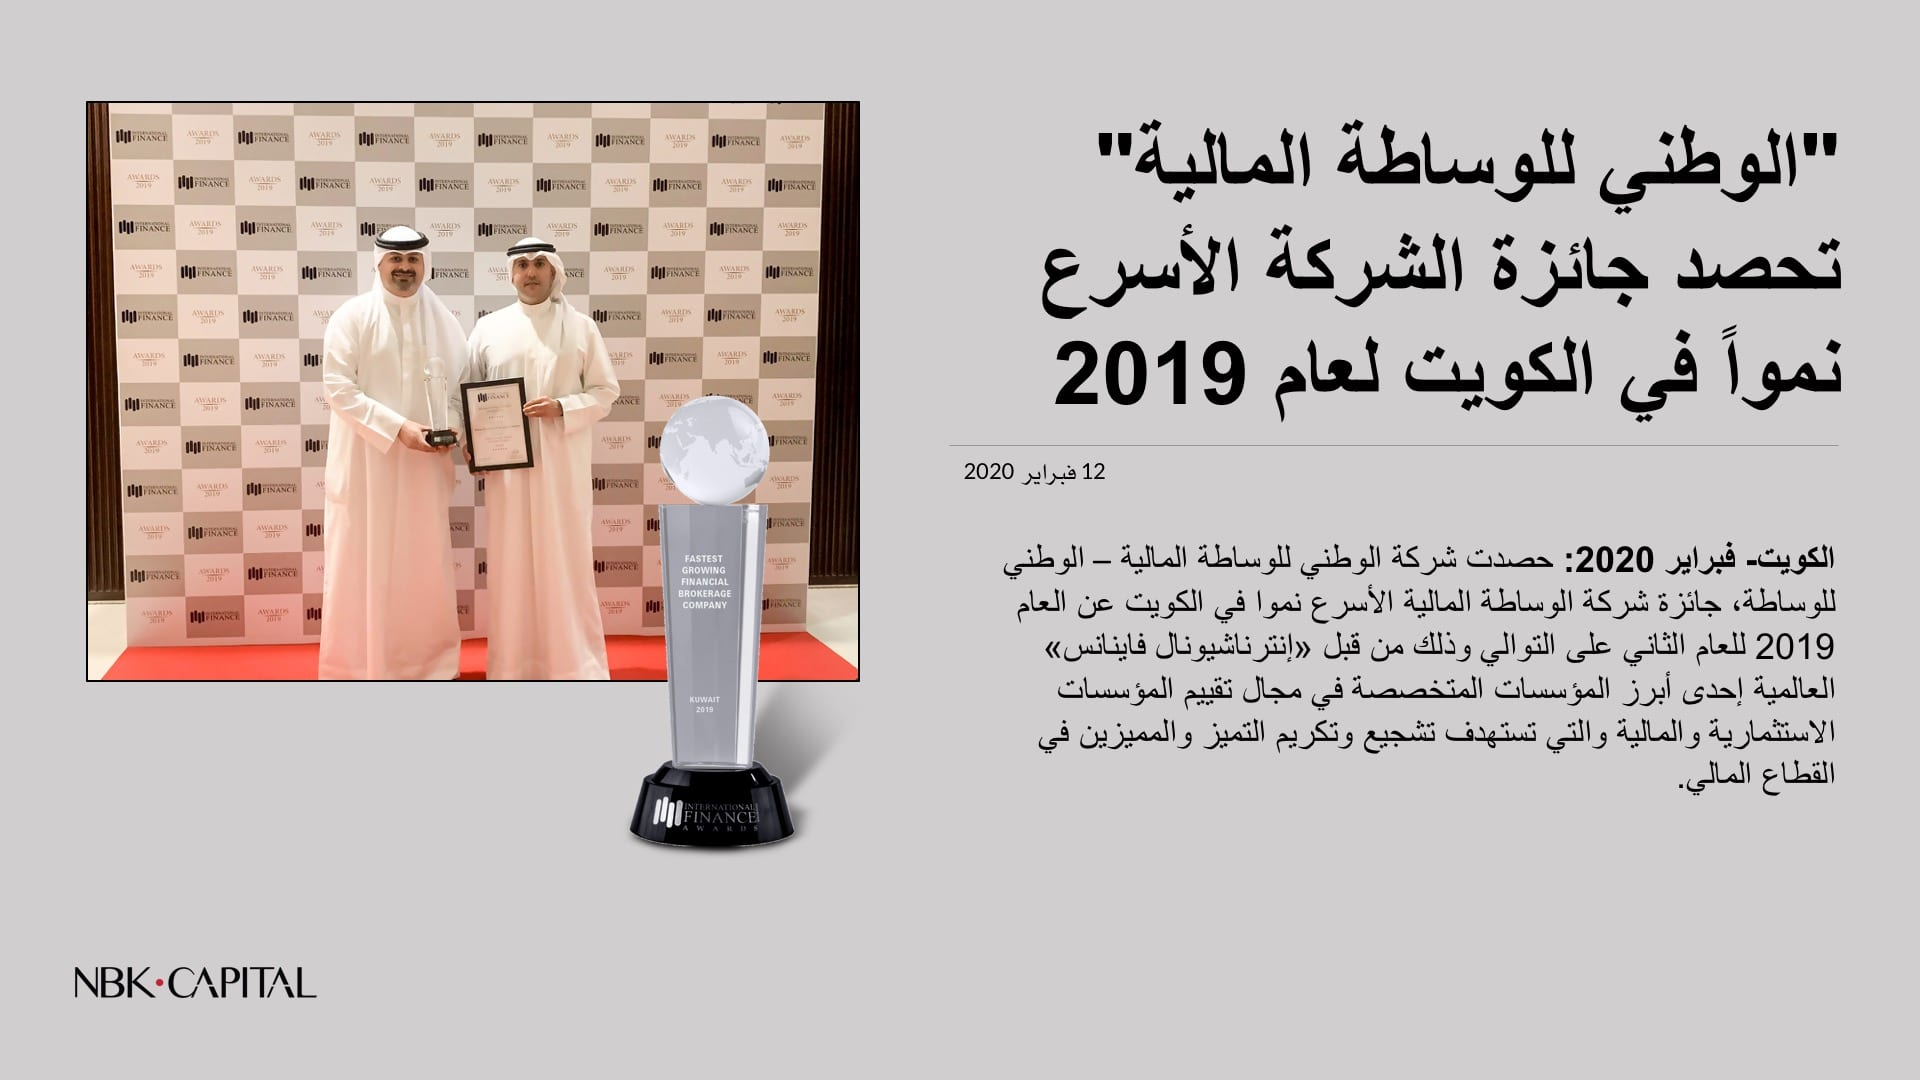 شركة الوطني للوساطة المالية – تحصد جائزة الشركة الأسرع نمواً في الكويت لعام 2019